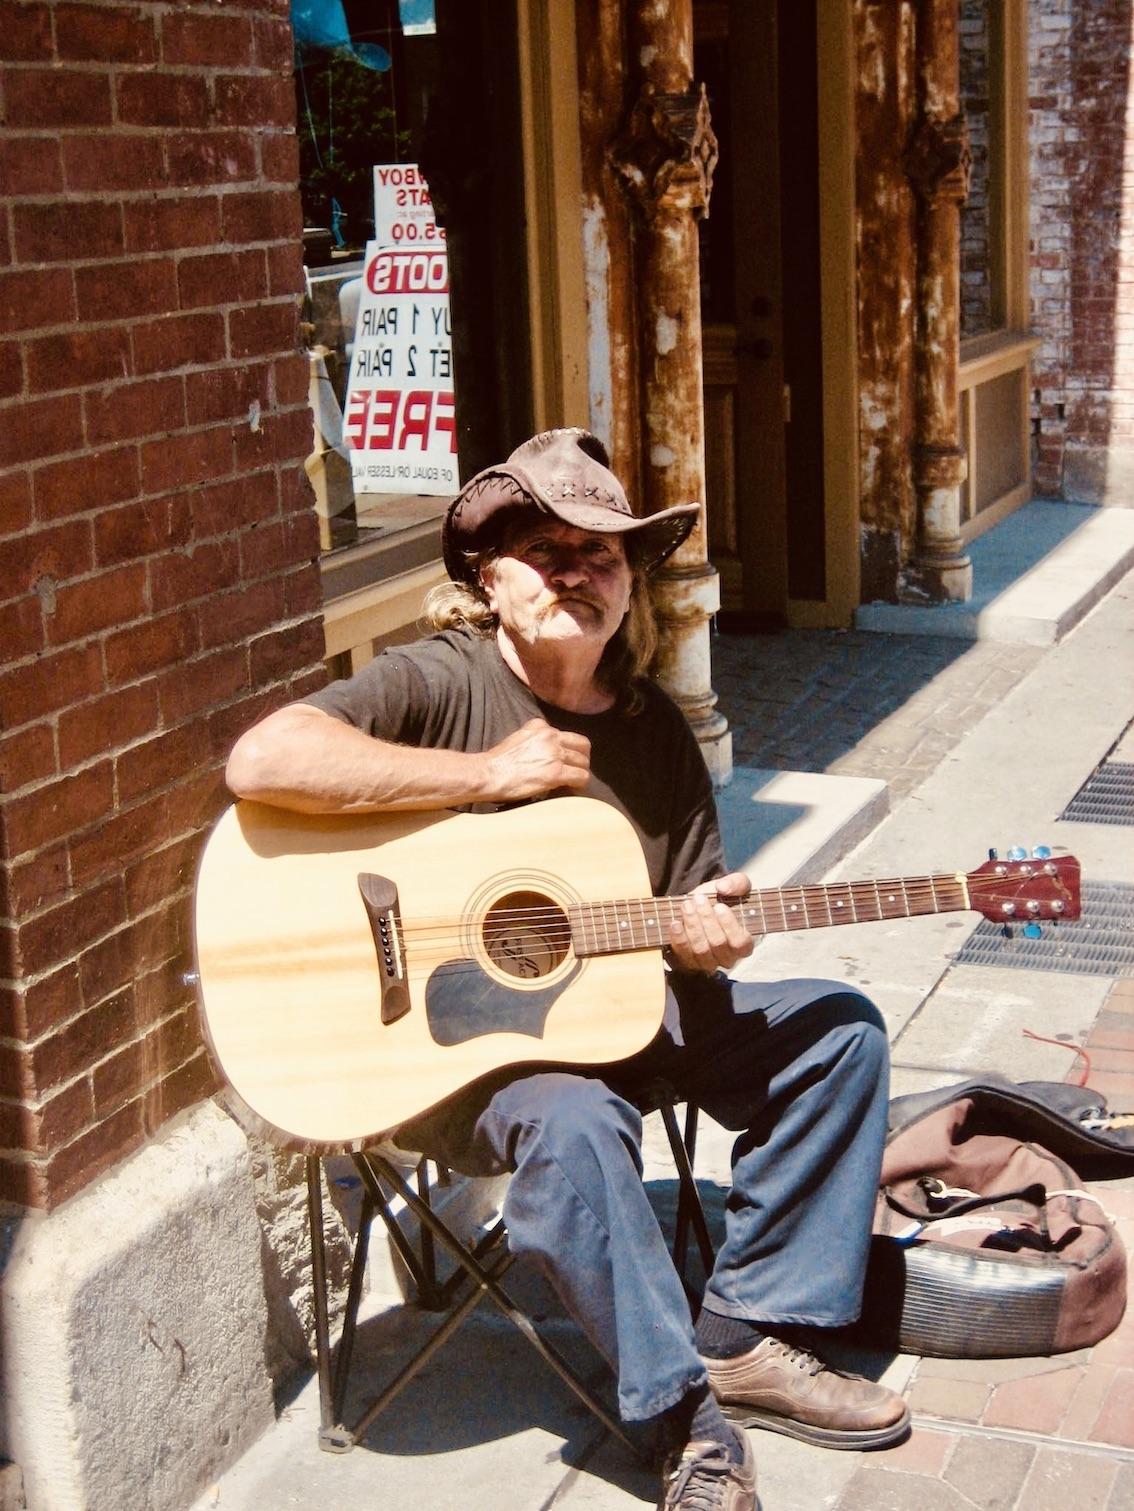 Cowboy busker downtown Nashville